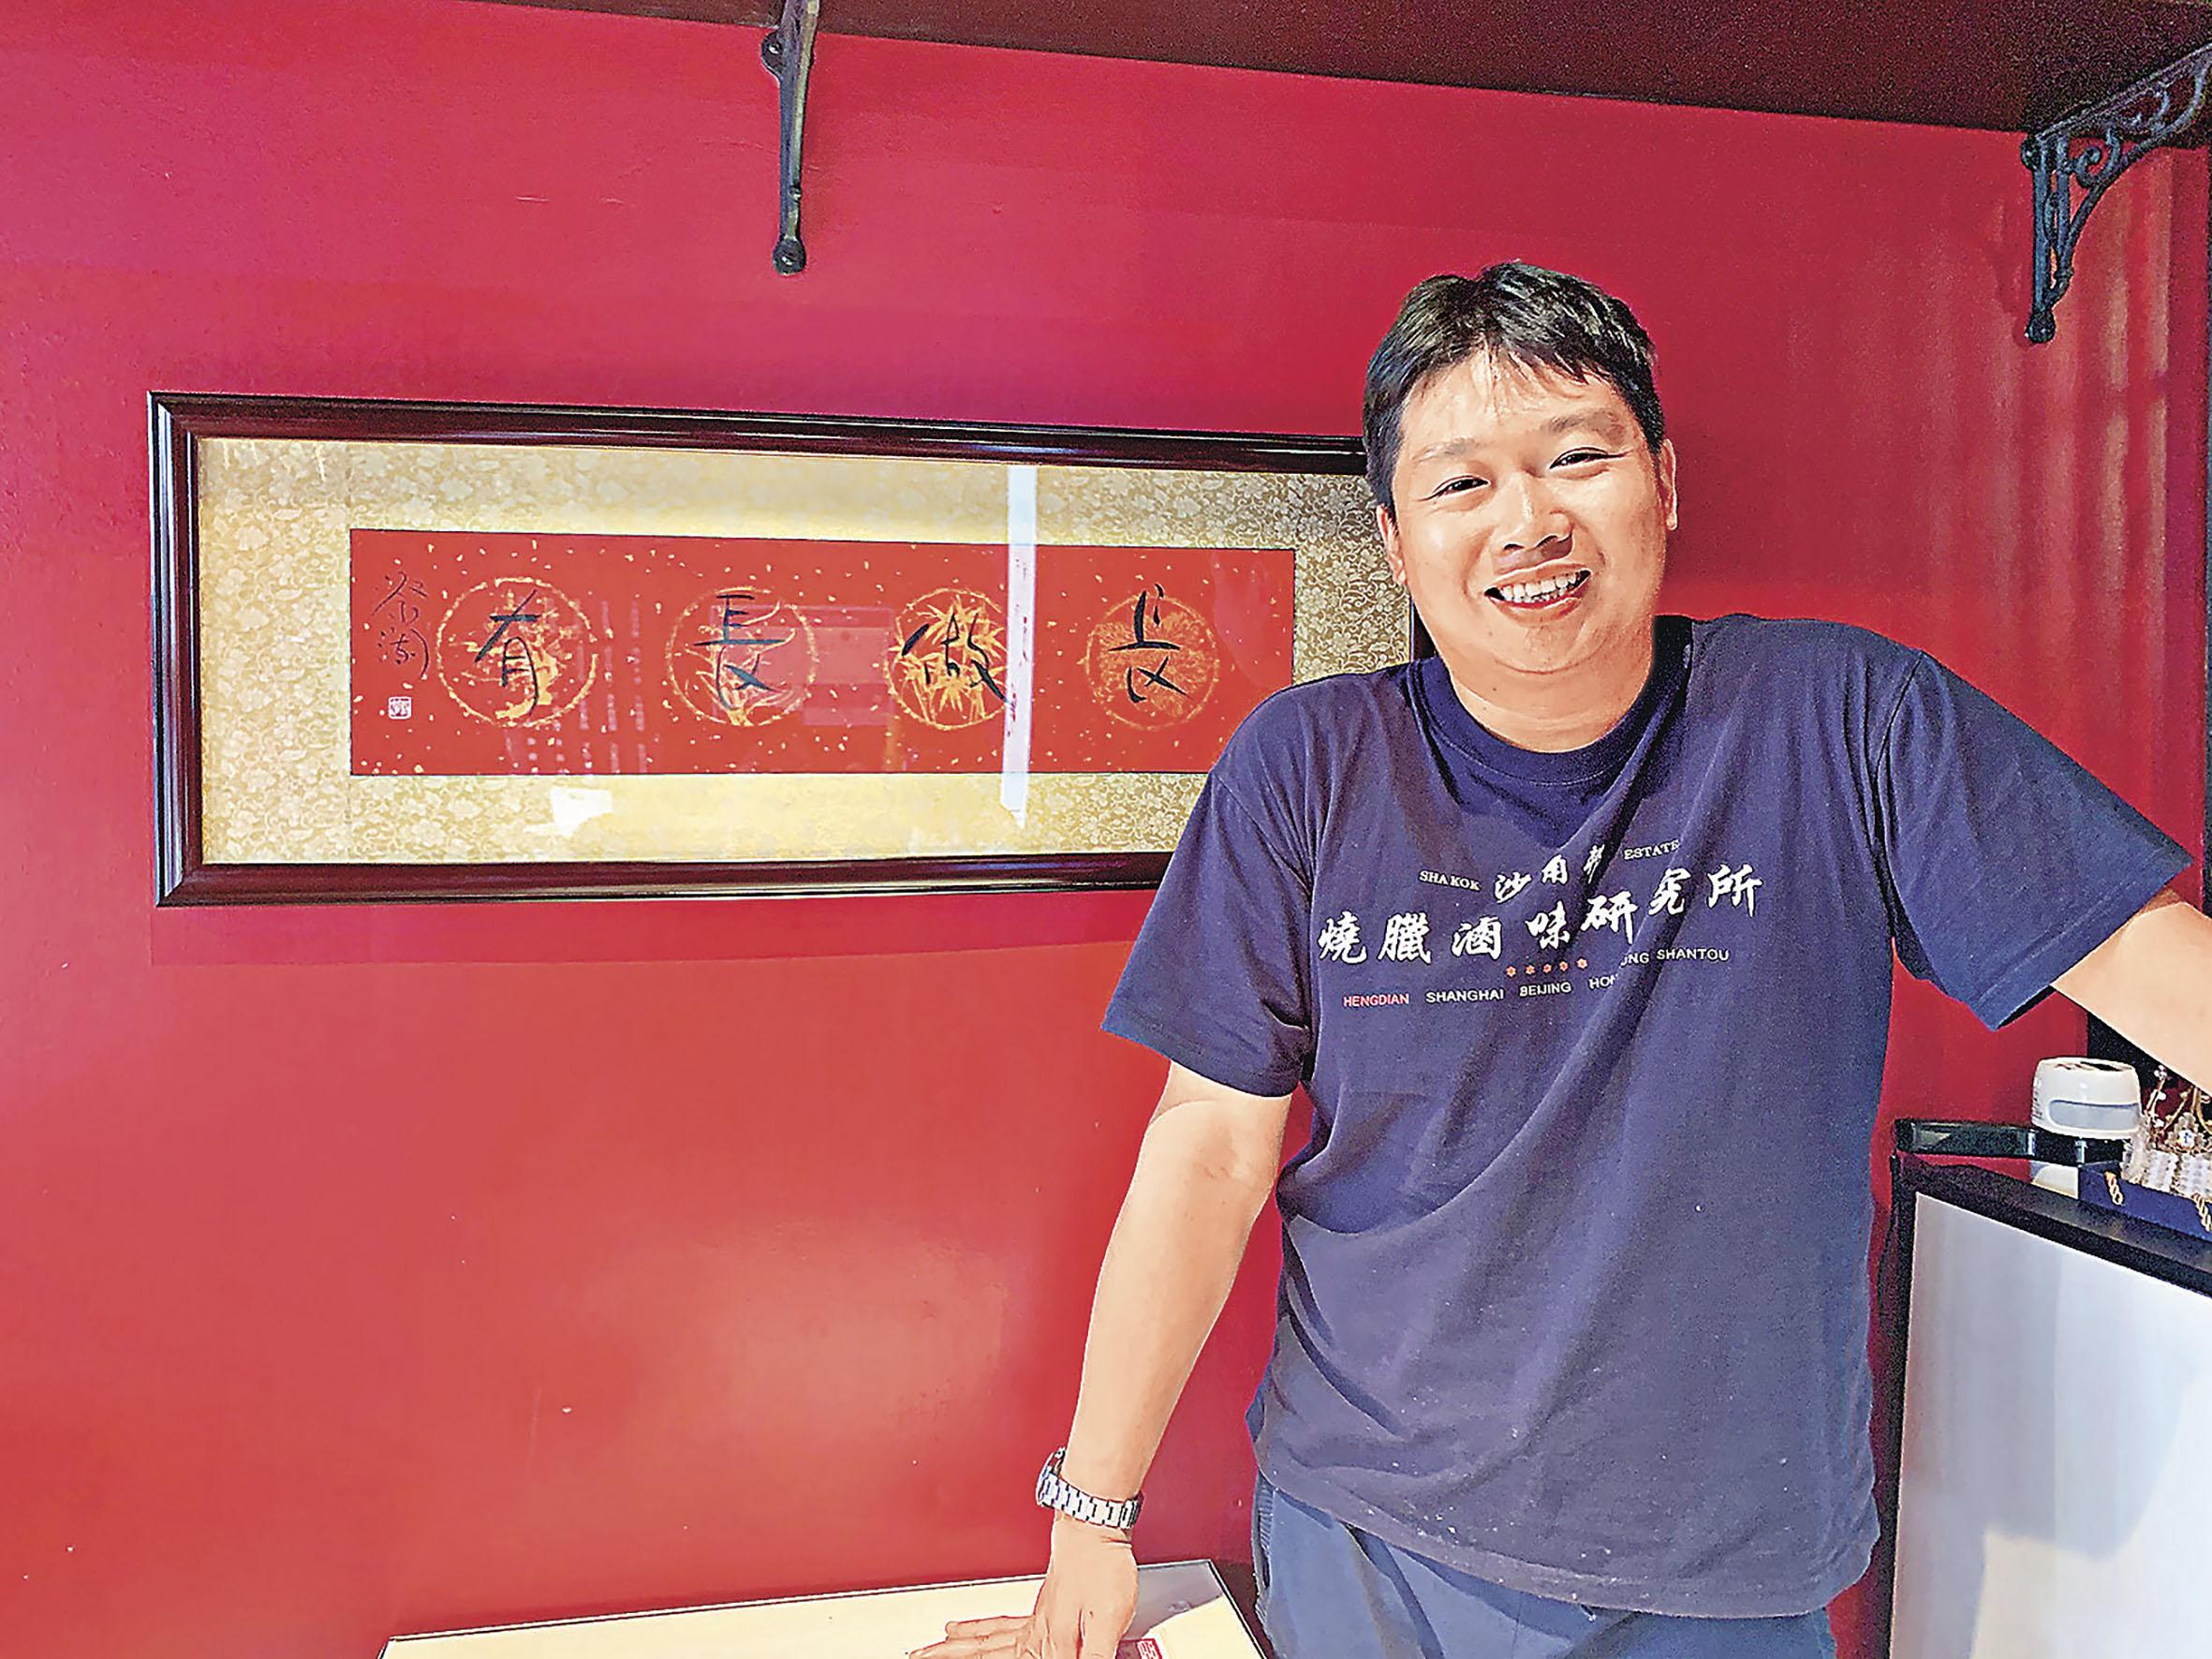 ■蔡志強在新店「燒臘滷味研究所」裏與蔡瀾為他寫下的「長做長有」合影。